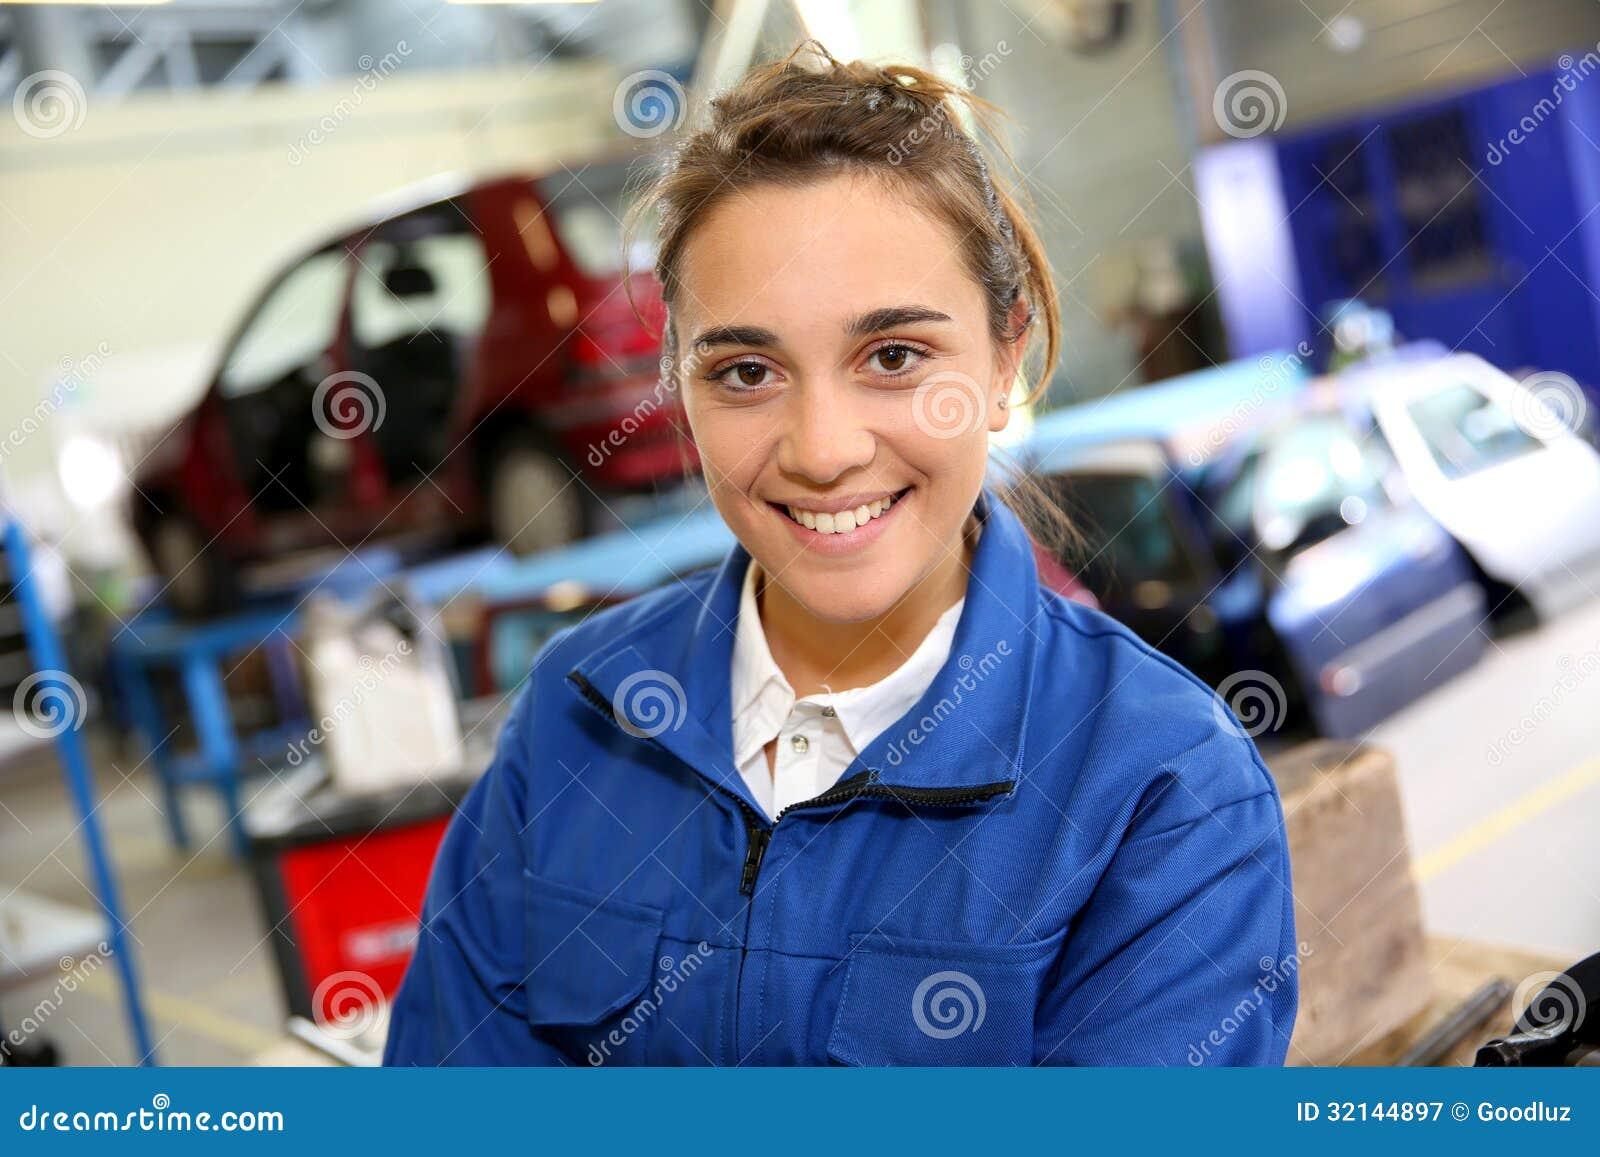 Repairshop的微笑的实习生